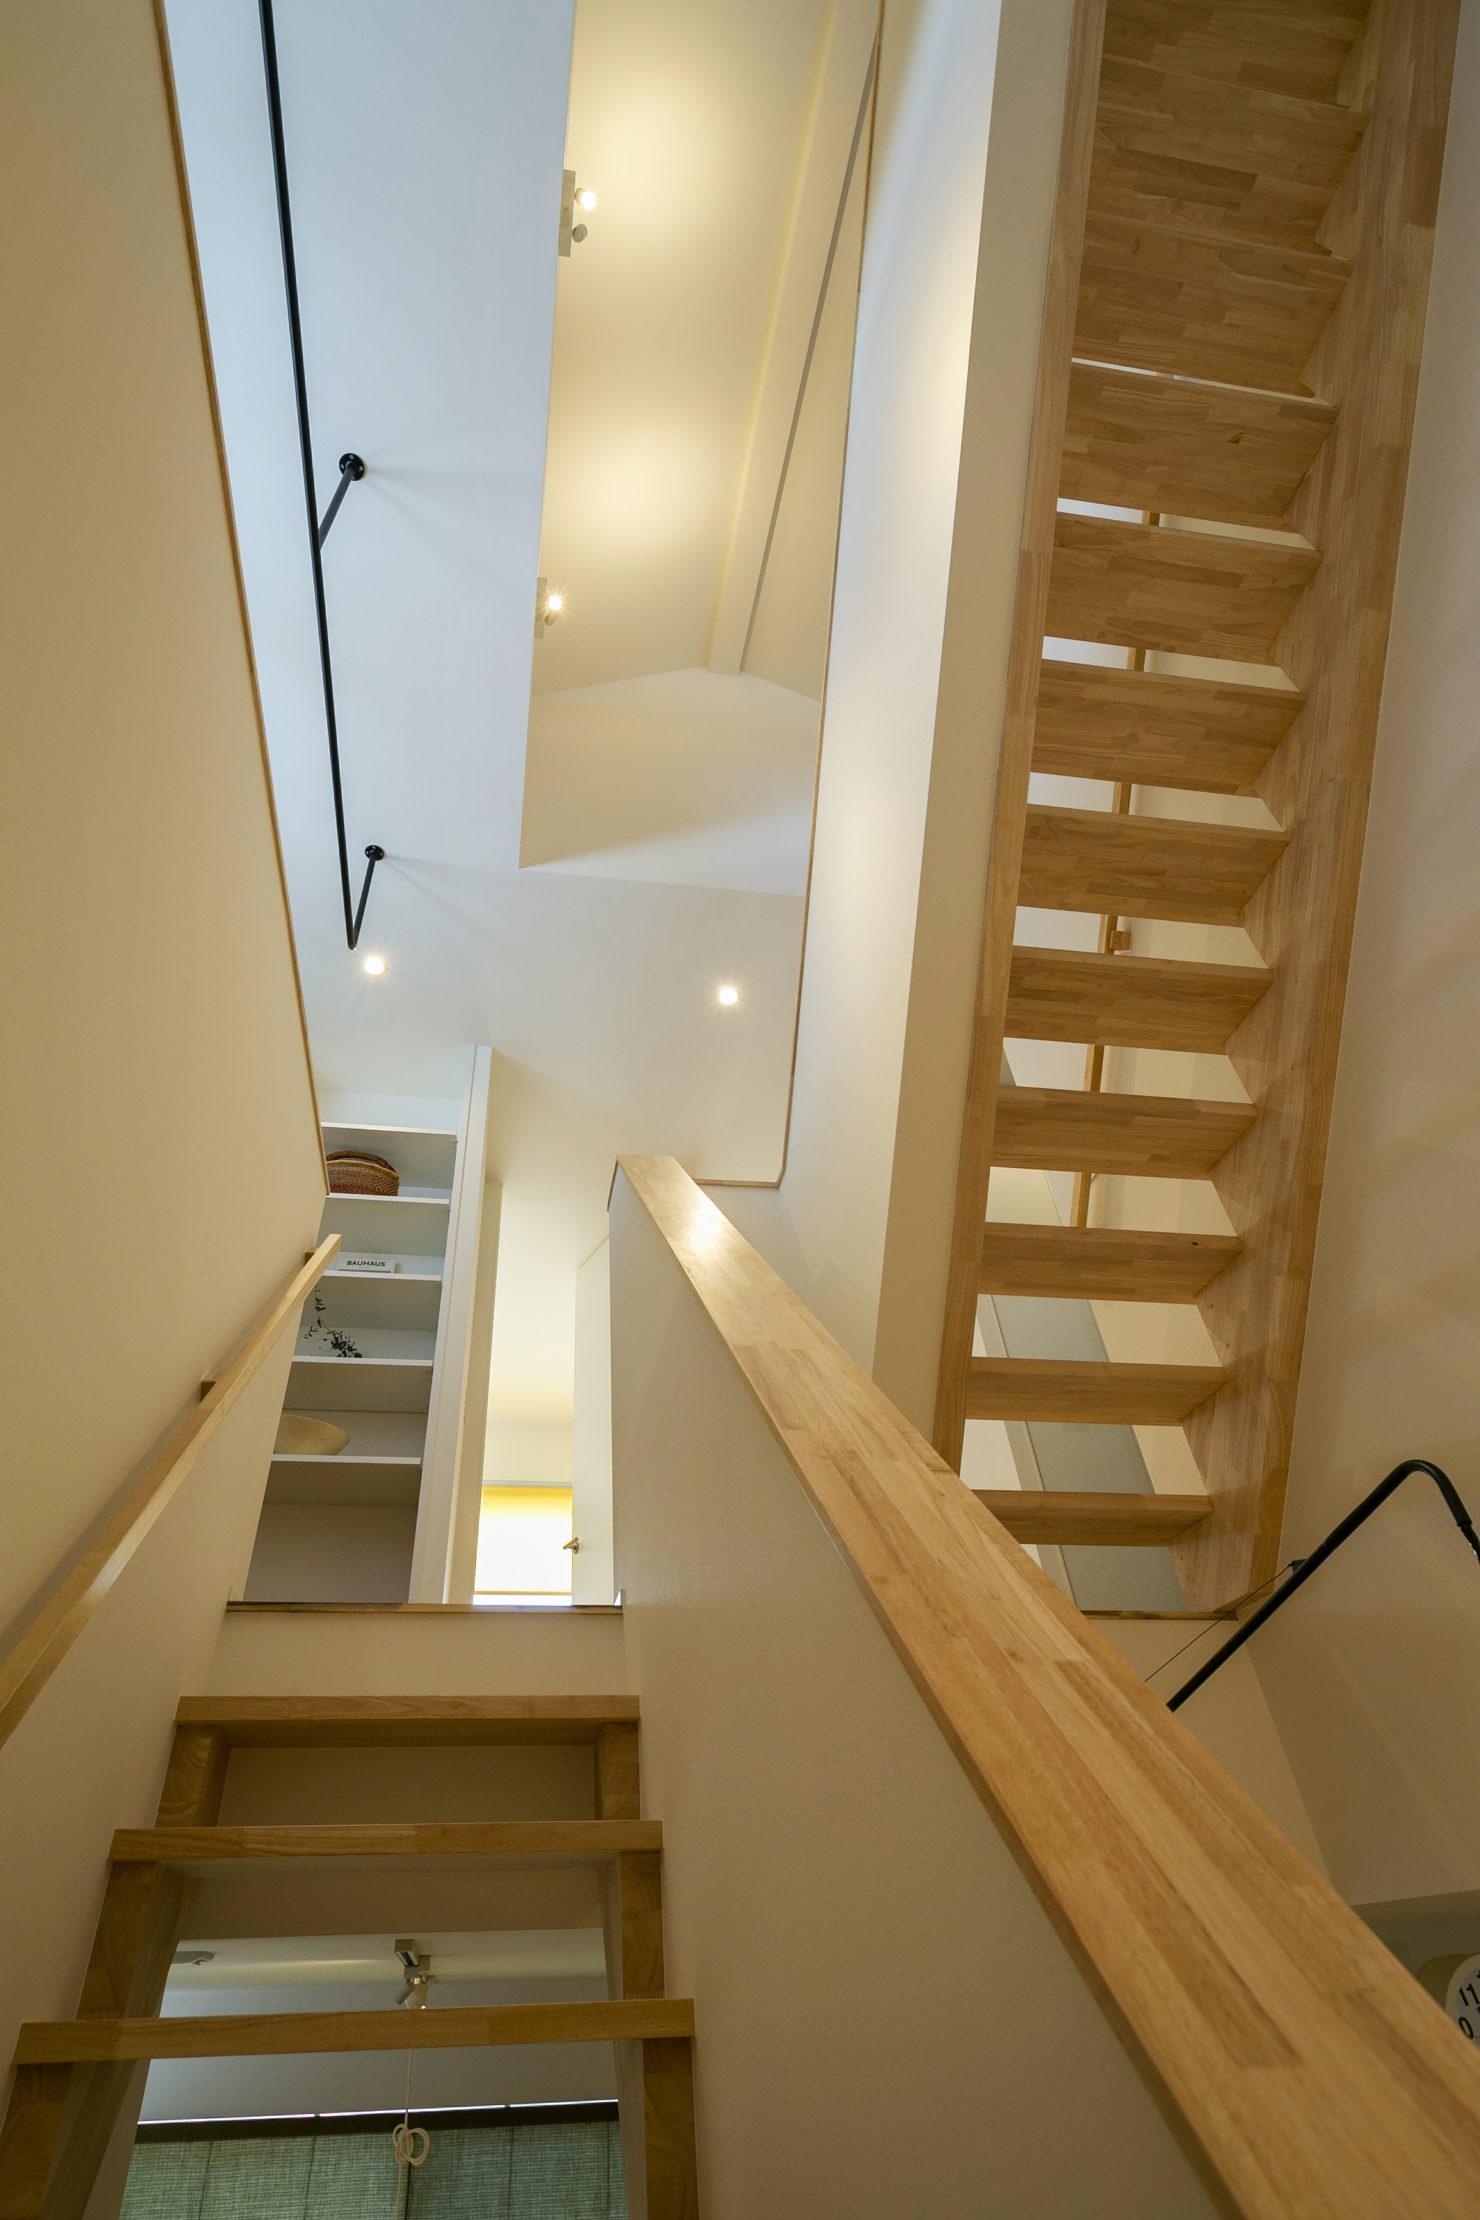 ハウスM21+archi「周囲との関係性・持続性のあるデザイン」階段写真